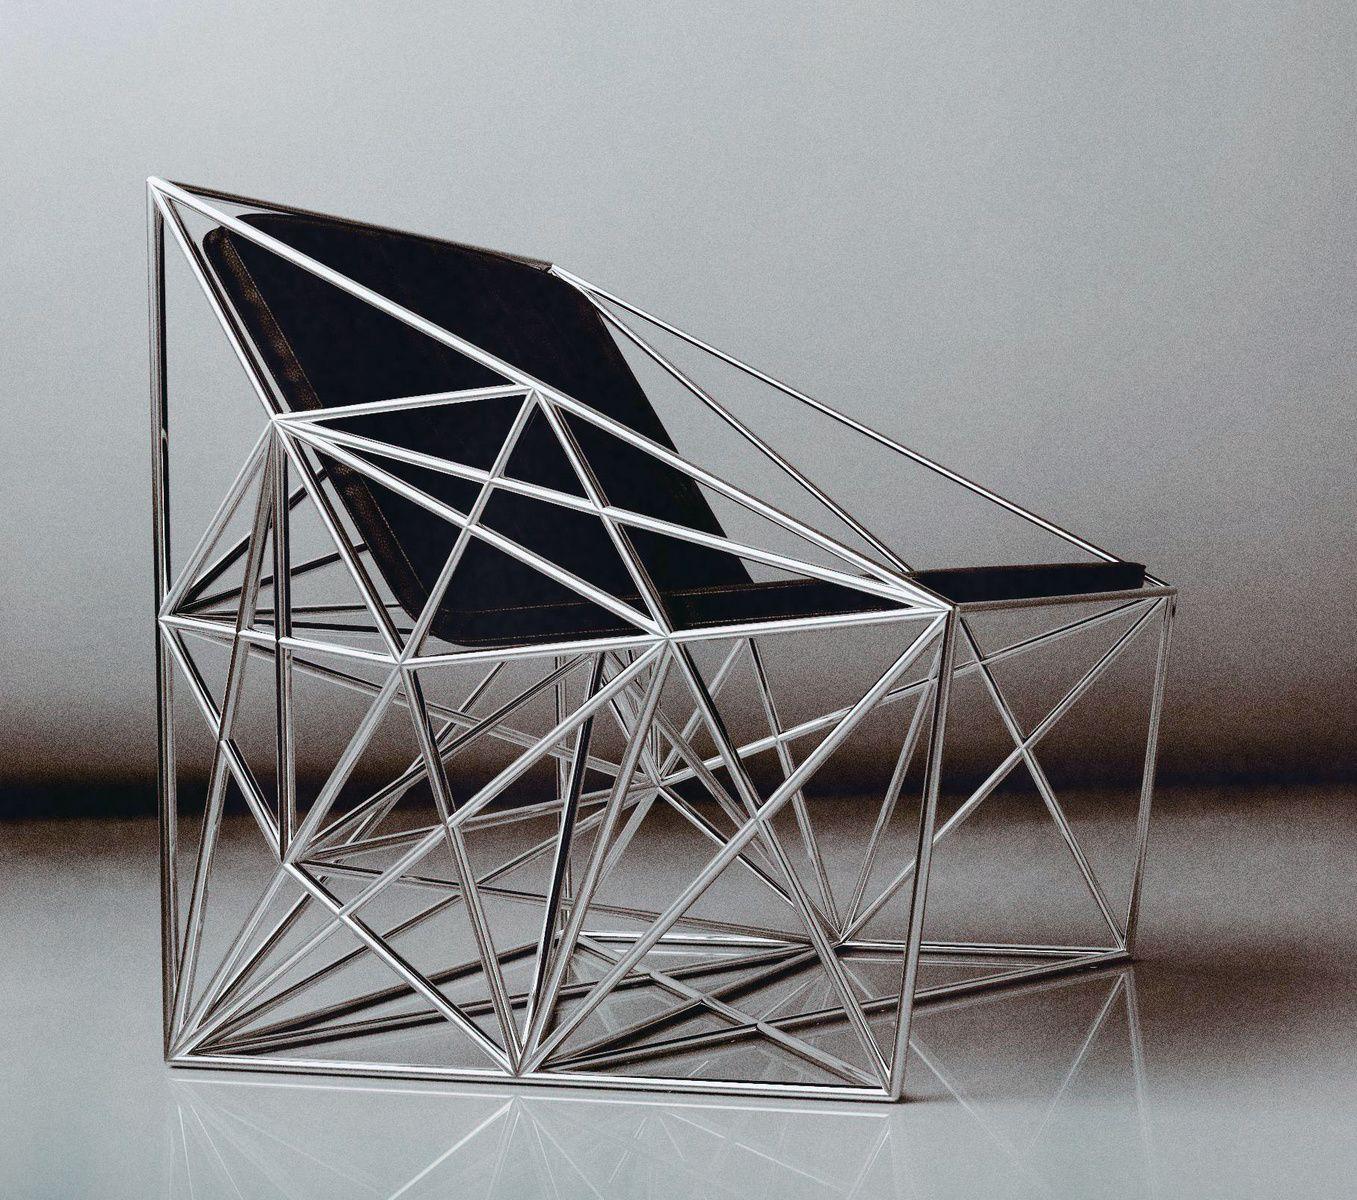 Ziemlich Drahtmodellmöbel Bilder - Elektrische Schaltplan-Ideen ...